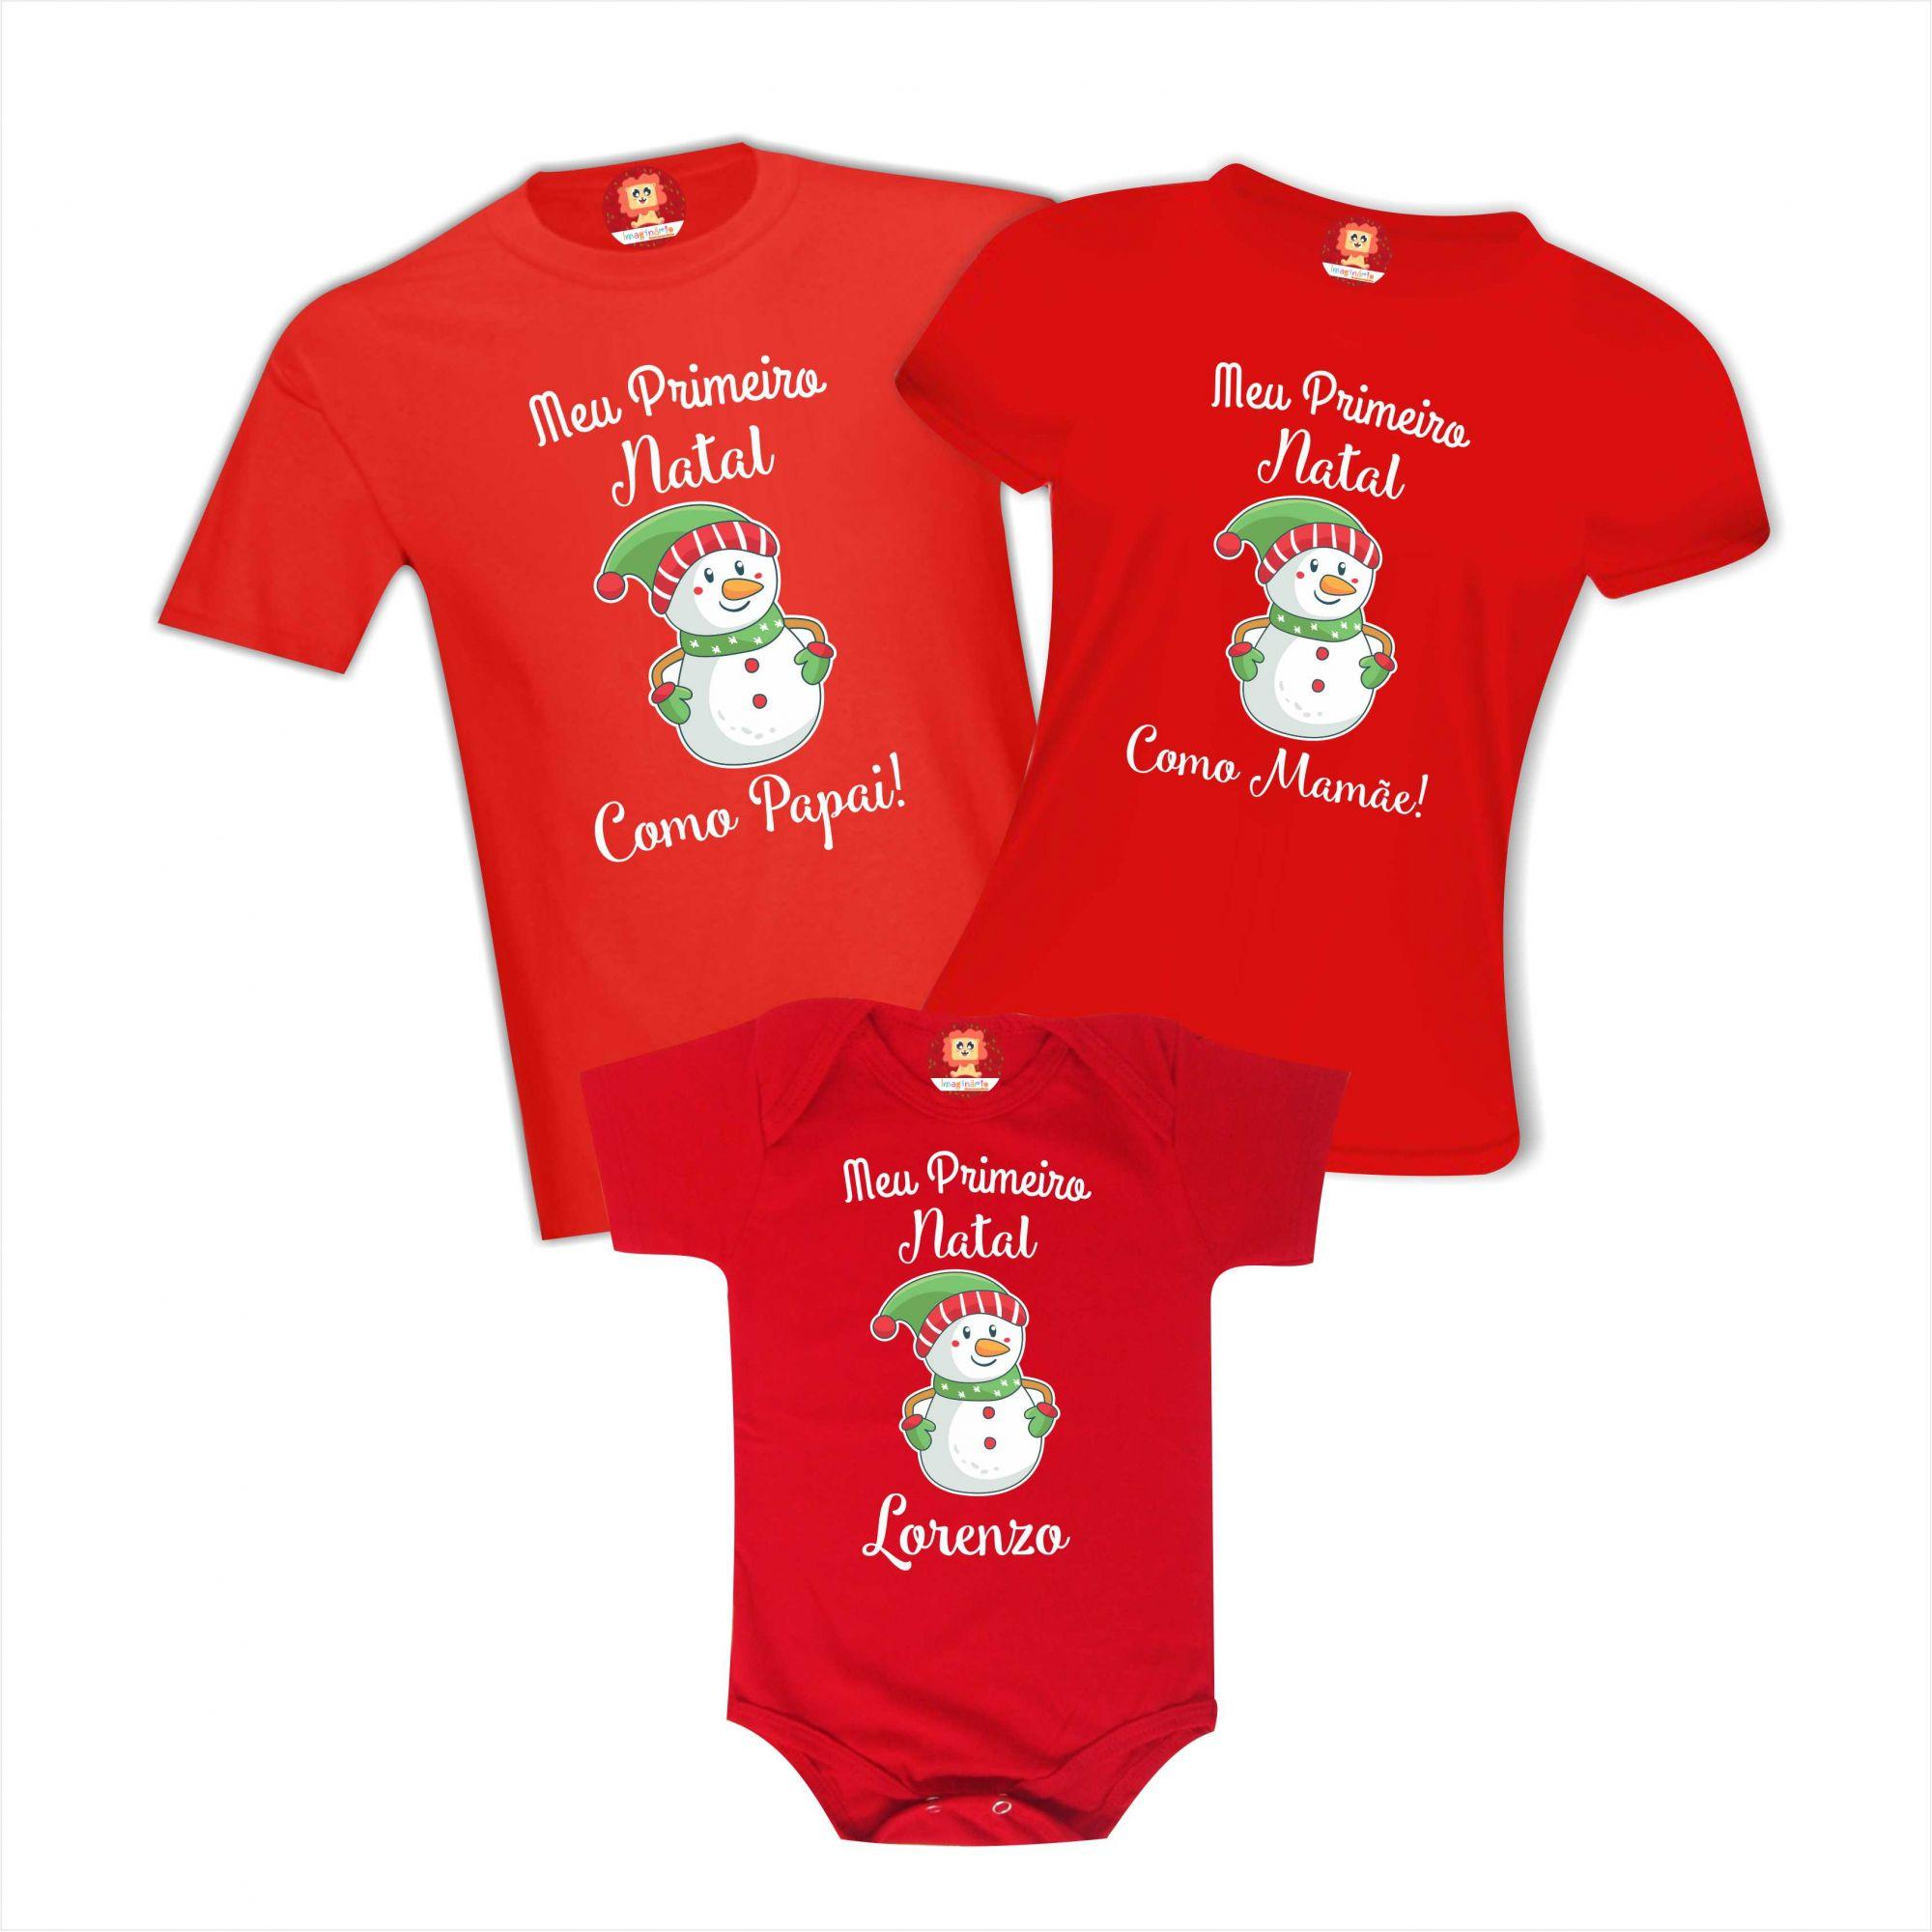 Kit Body e Camisetas Meu Primeiro Natal Boneco de Neve Papai Mamãe Bebê Personalizado Com Nome